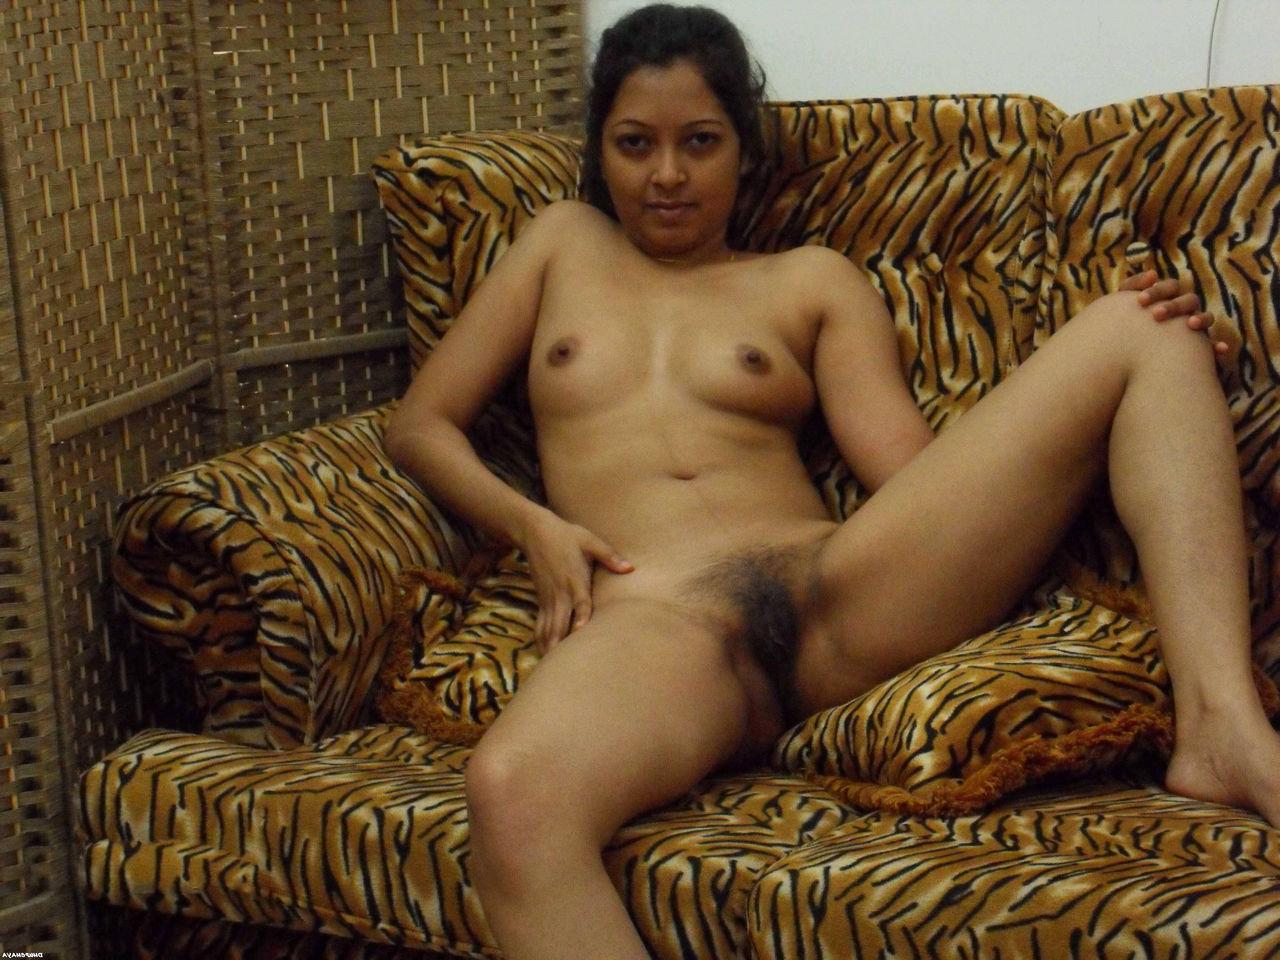 Голая волосатая индианка смотреть, порно пизда казашки фото